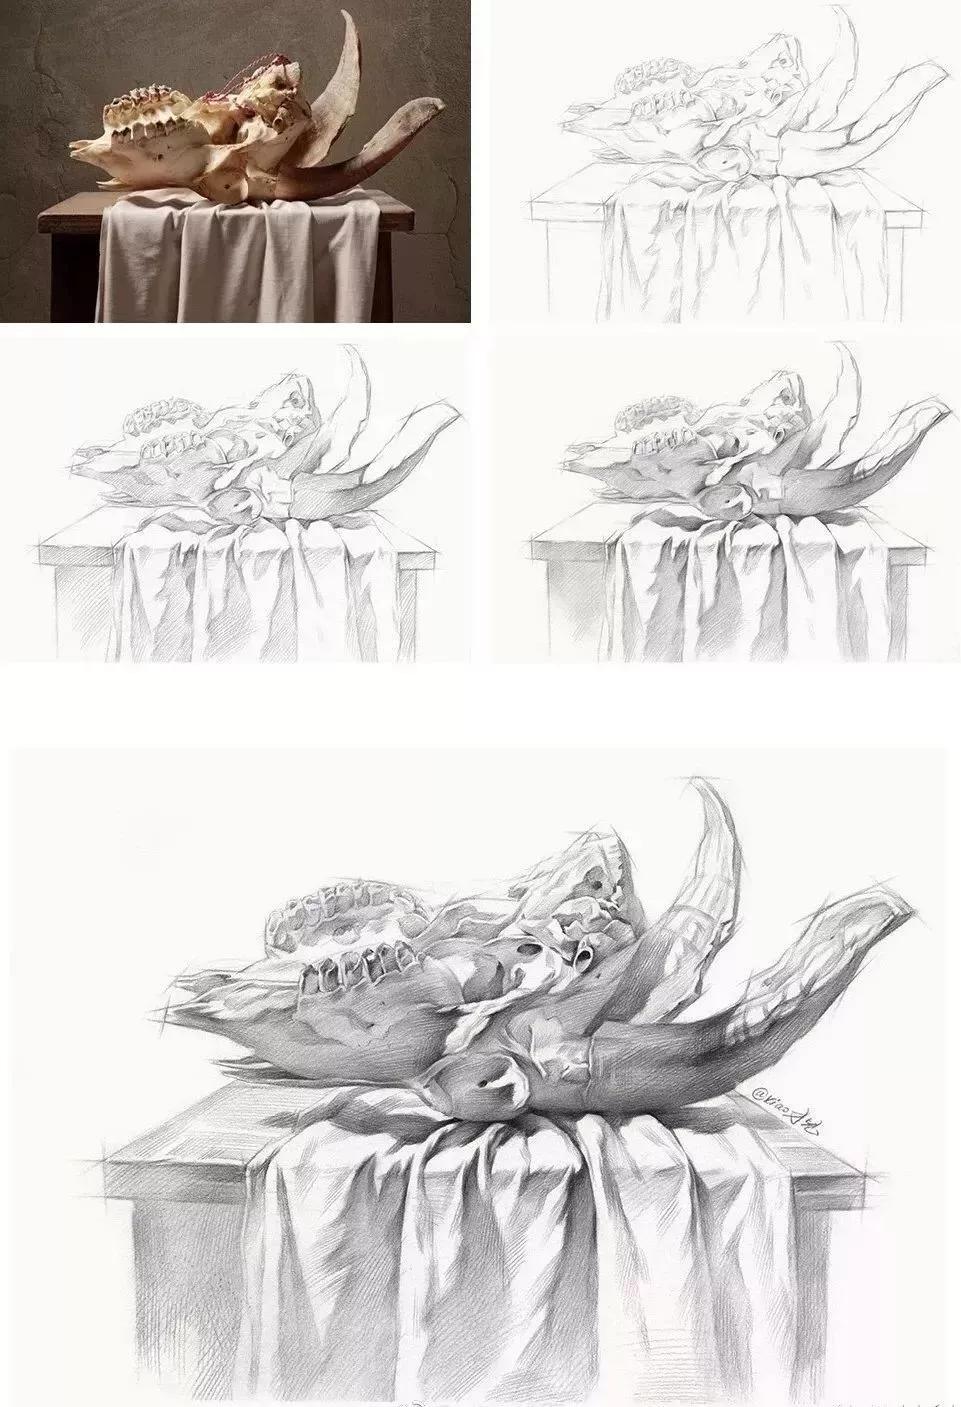 画结构宁方勿圆,结构素描静物:水果刀,盘子,花瓶和各种罐子,酒瓶等.